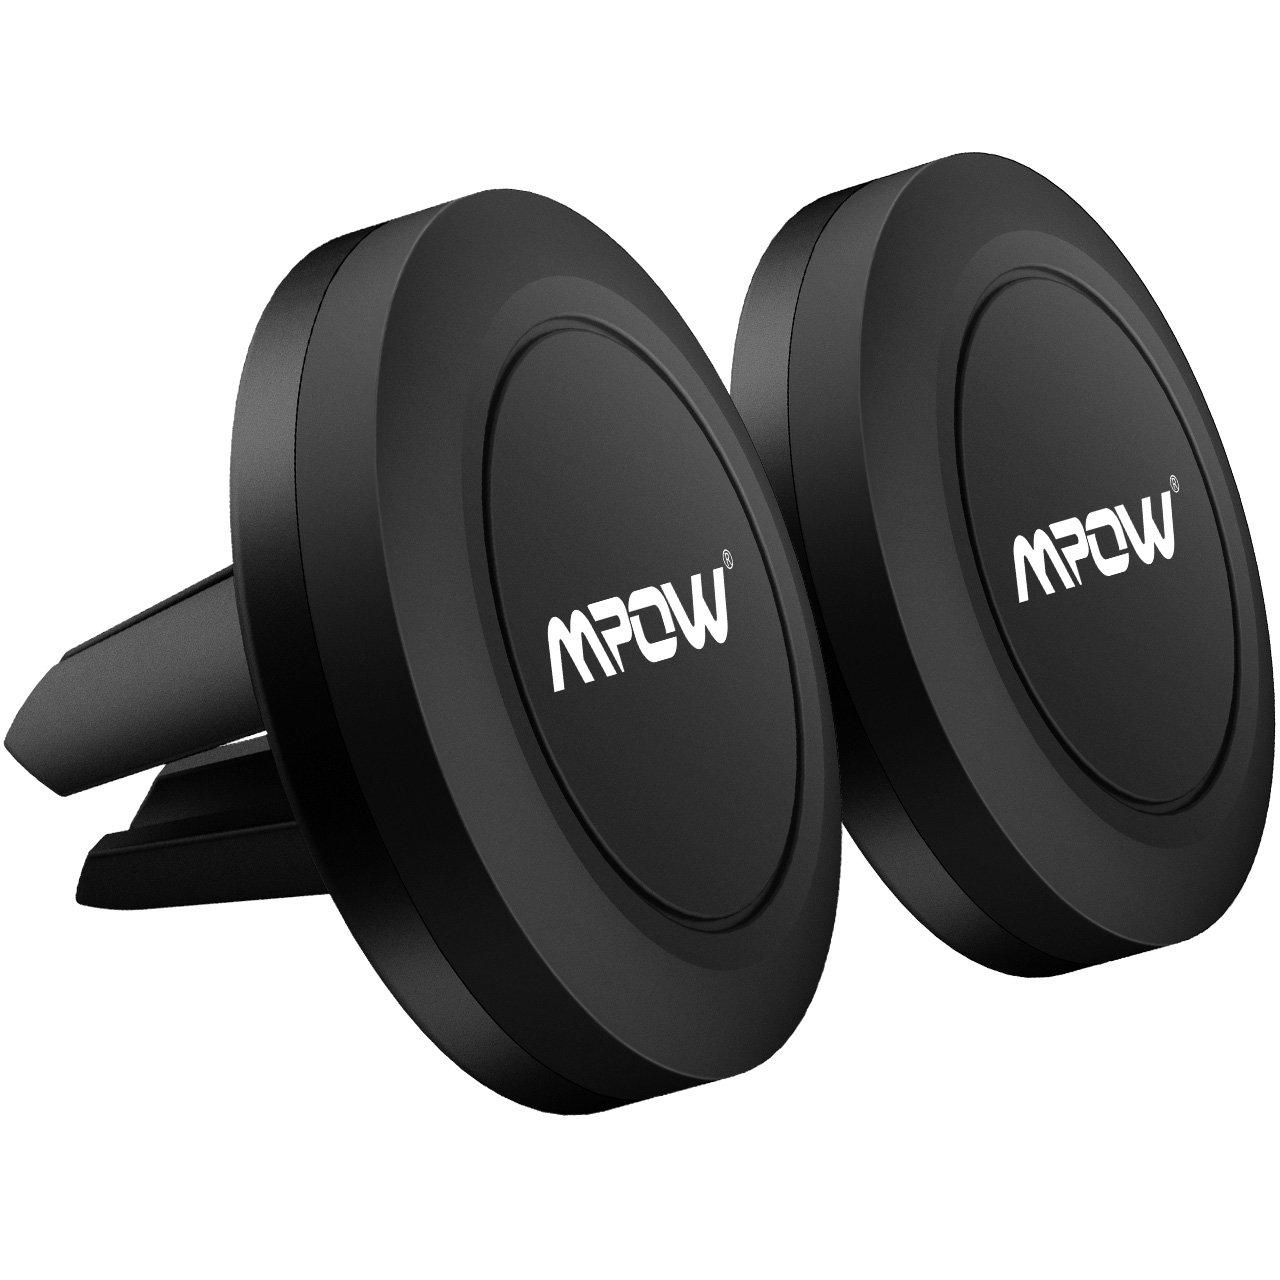 Soporte Móvil Coche Magnético de Unidades para Rejillas del Aire de Coche